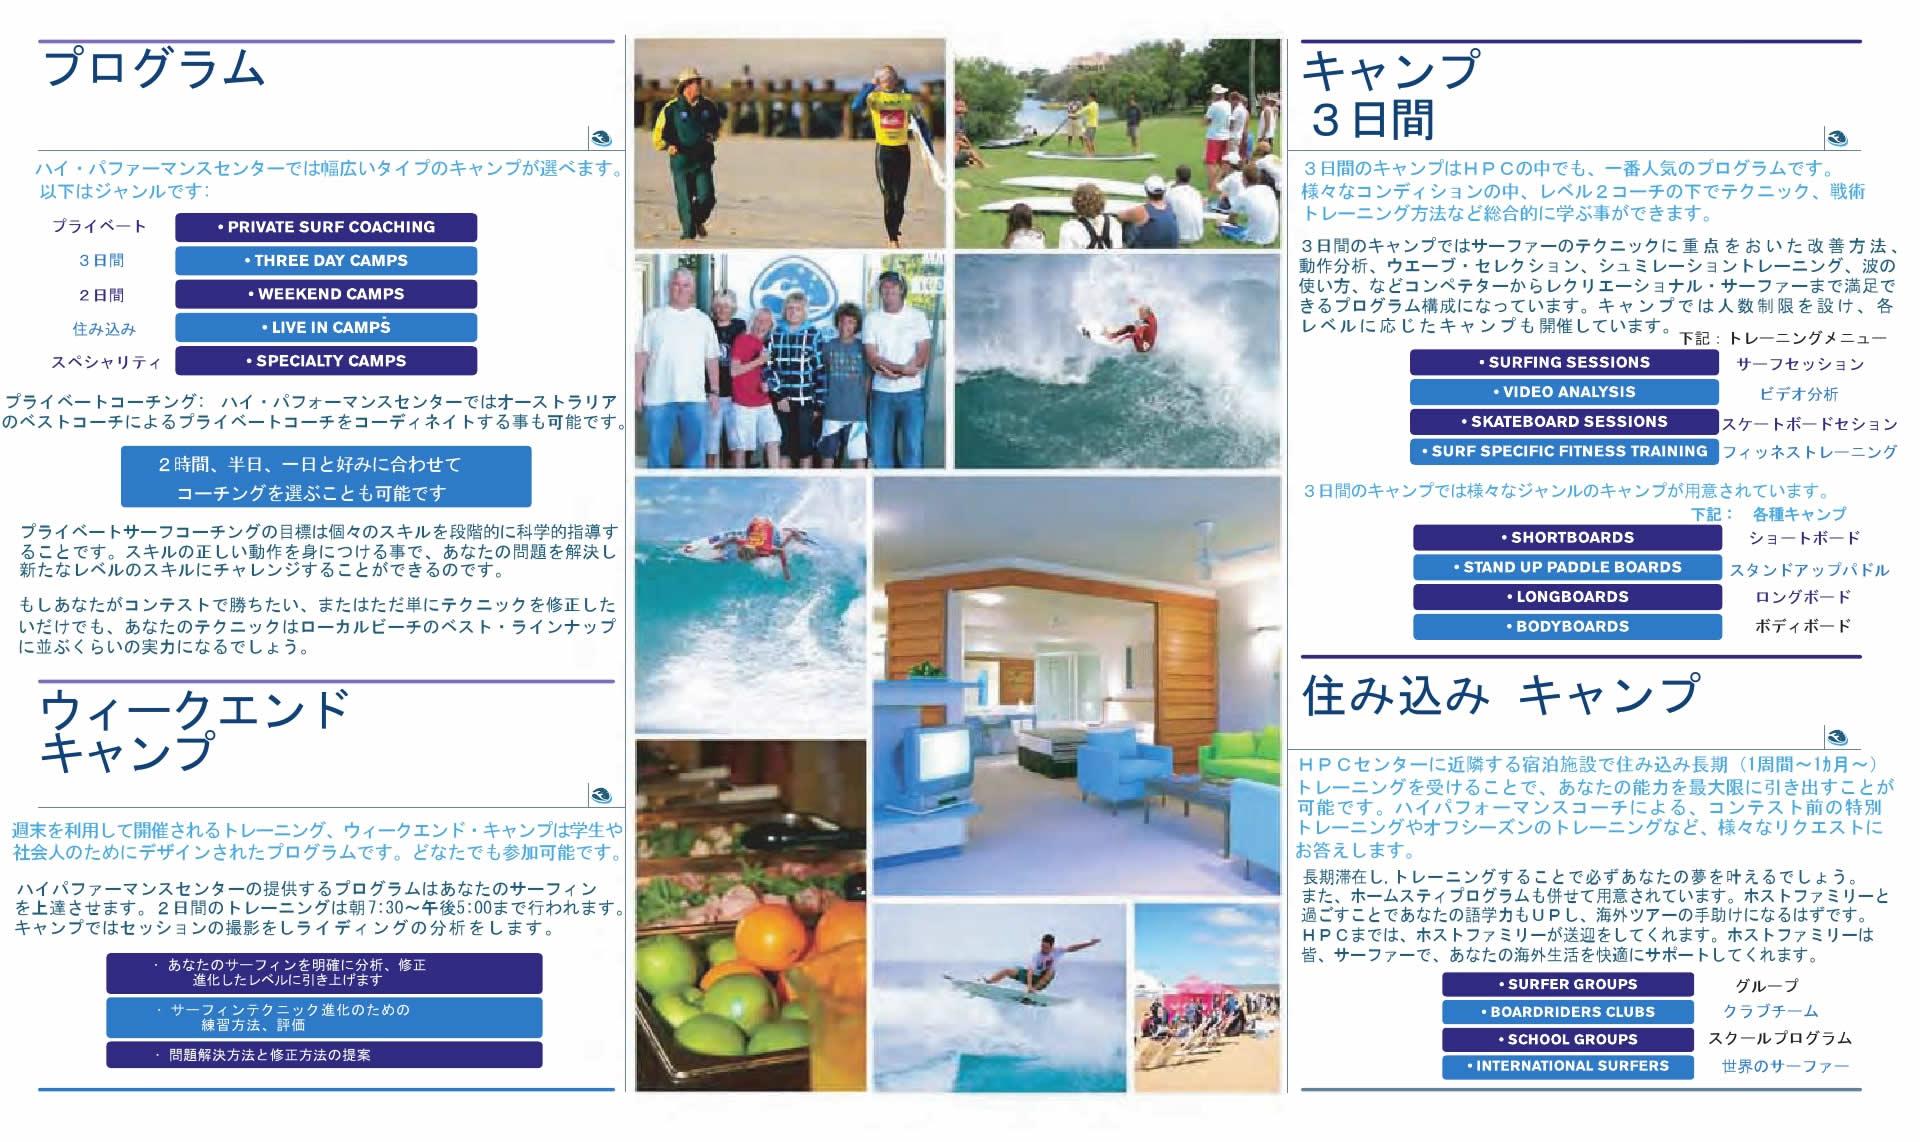 HPC2011_000007